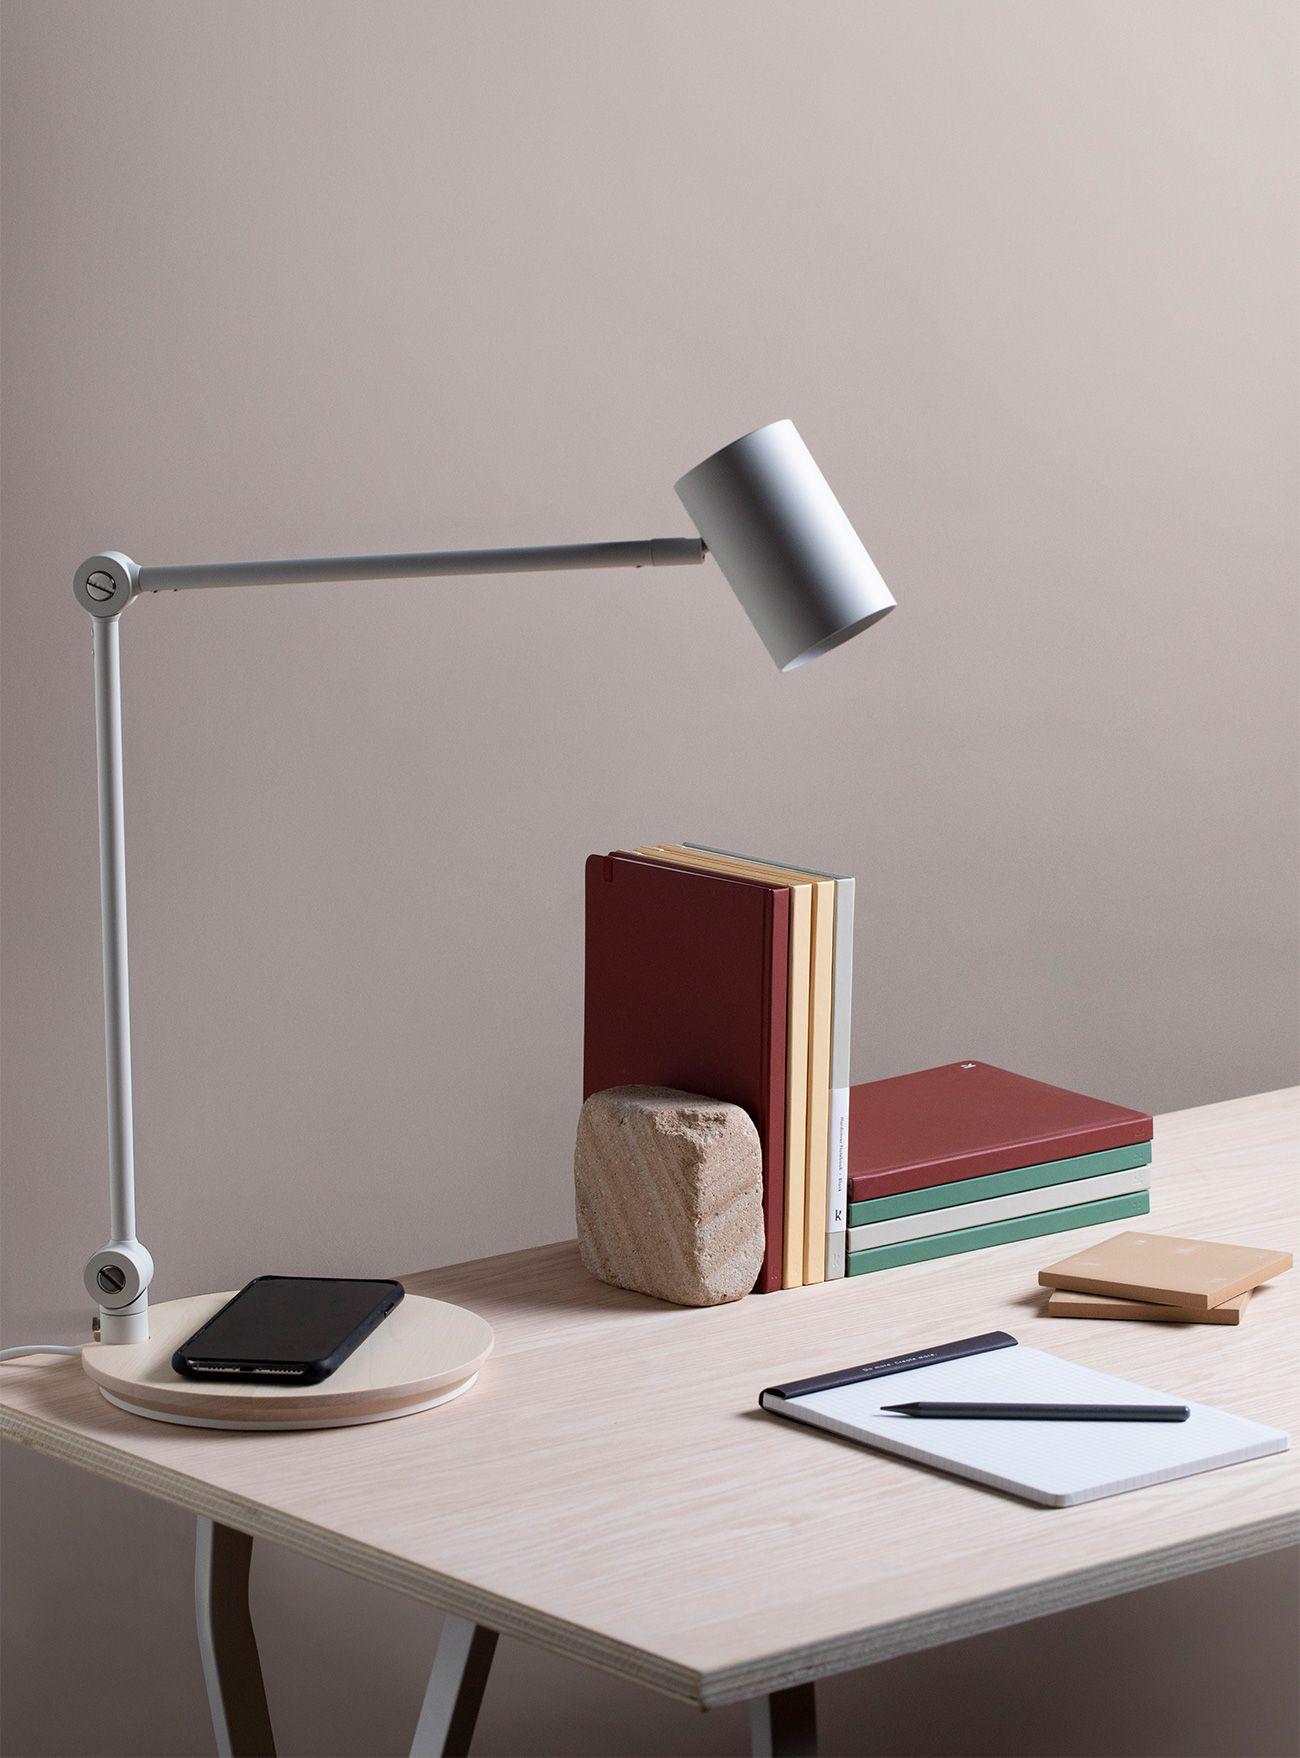 Lamp on desk